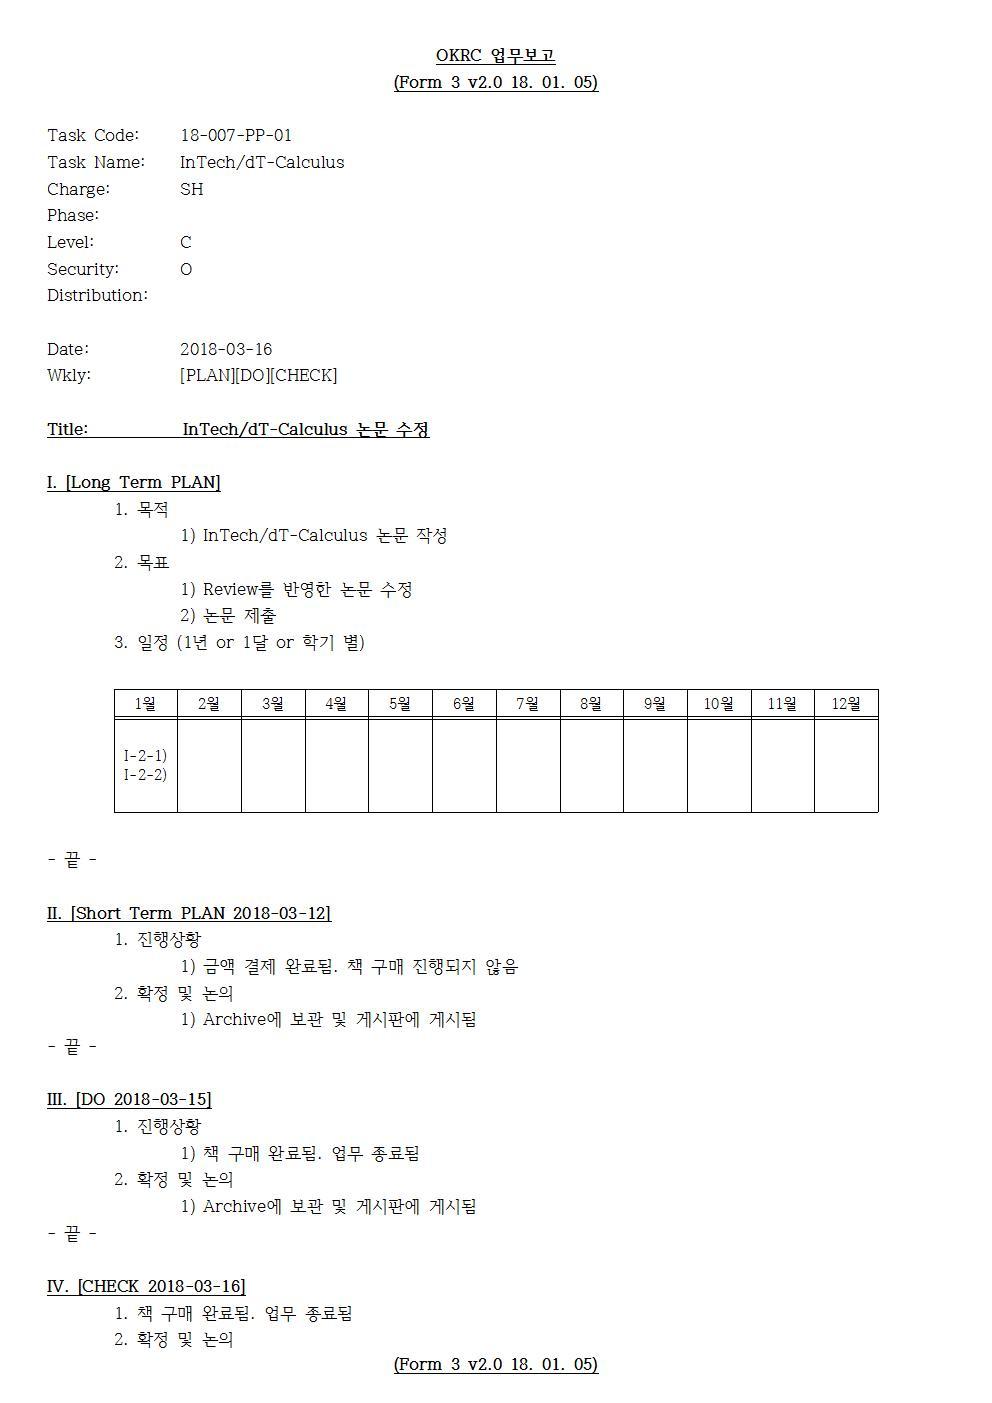 D-[18-007-PP-01]-[InTechdT-Calculus]-[2018-03-16][SH]001.jpg